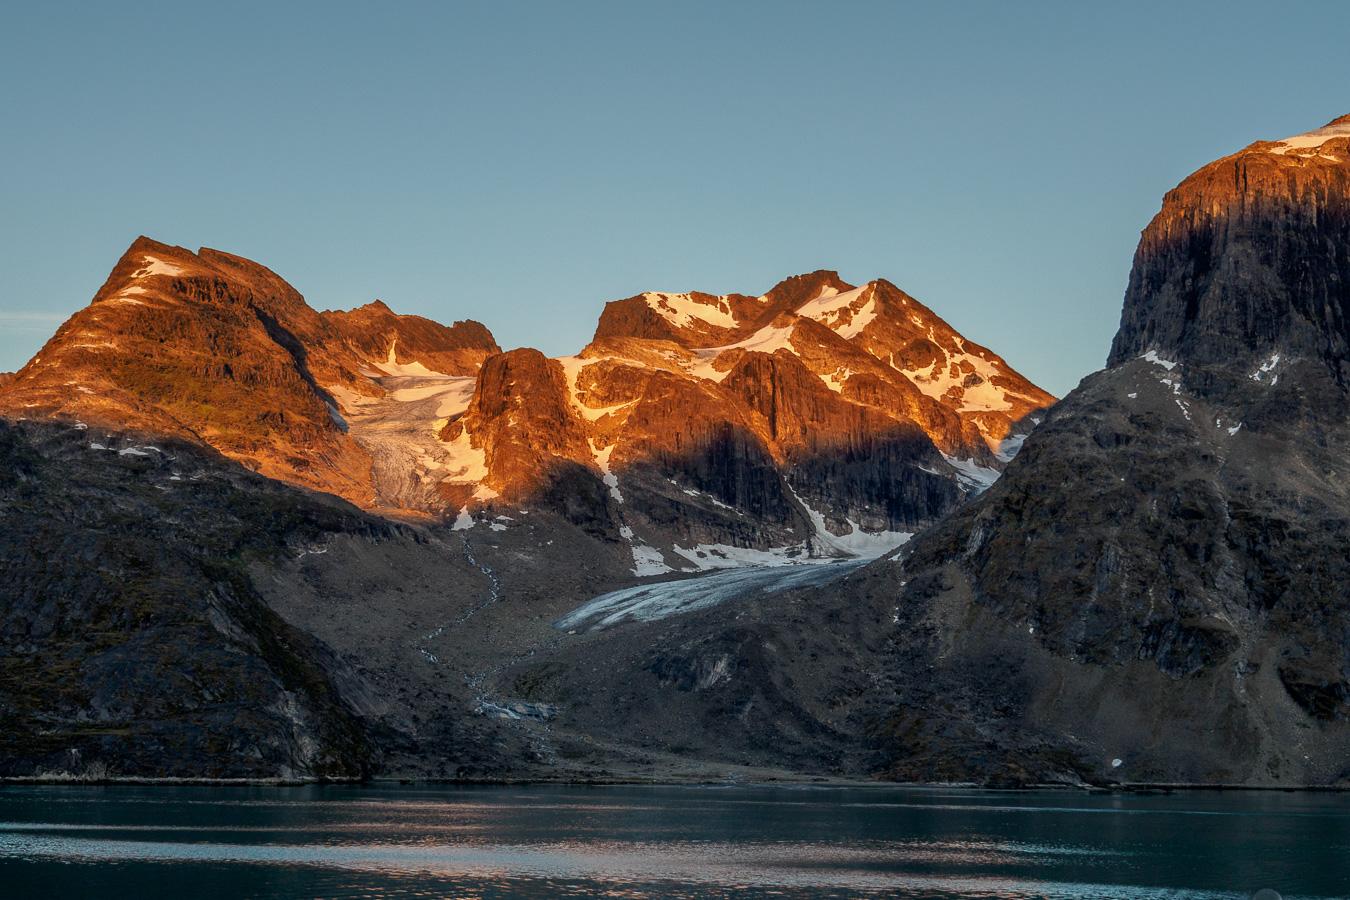 kangerlussuaq fjord gegen 22:30h